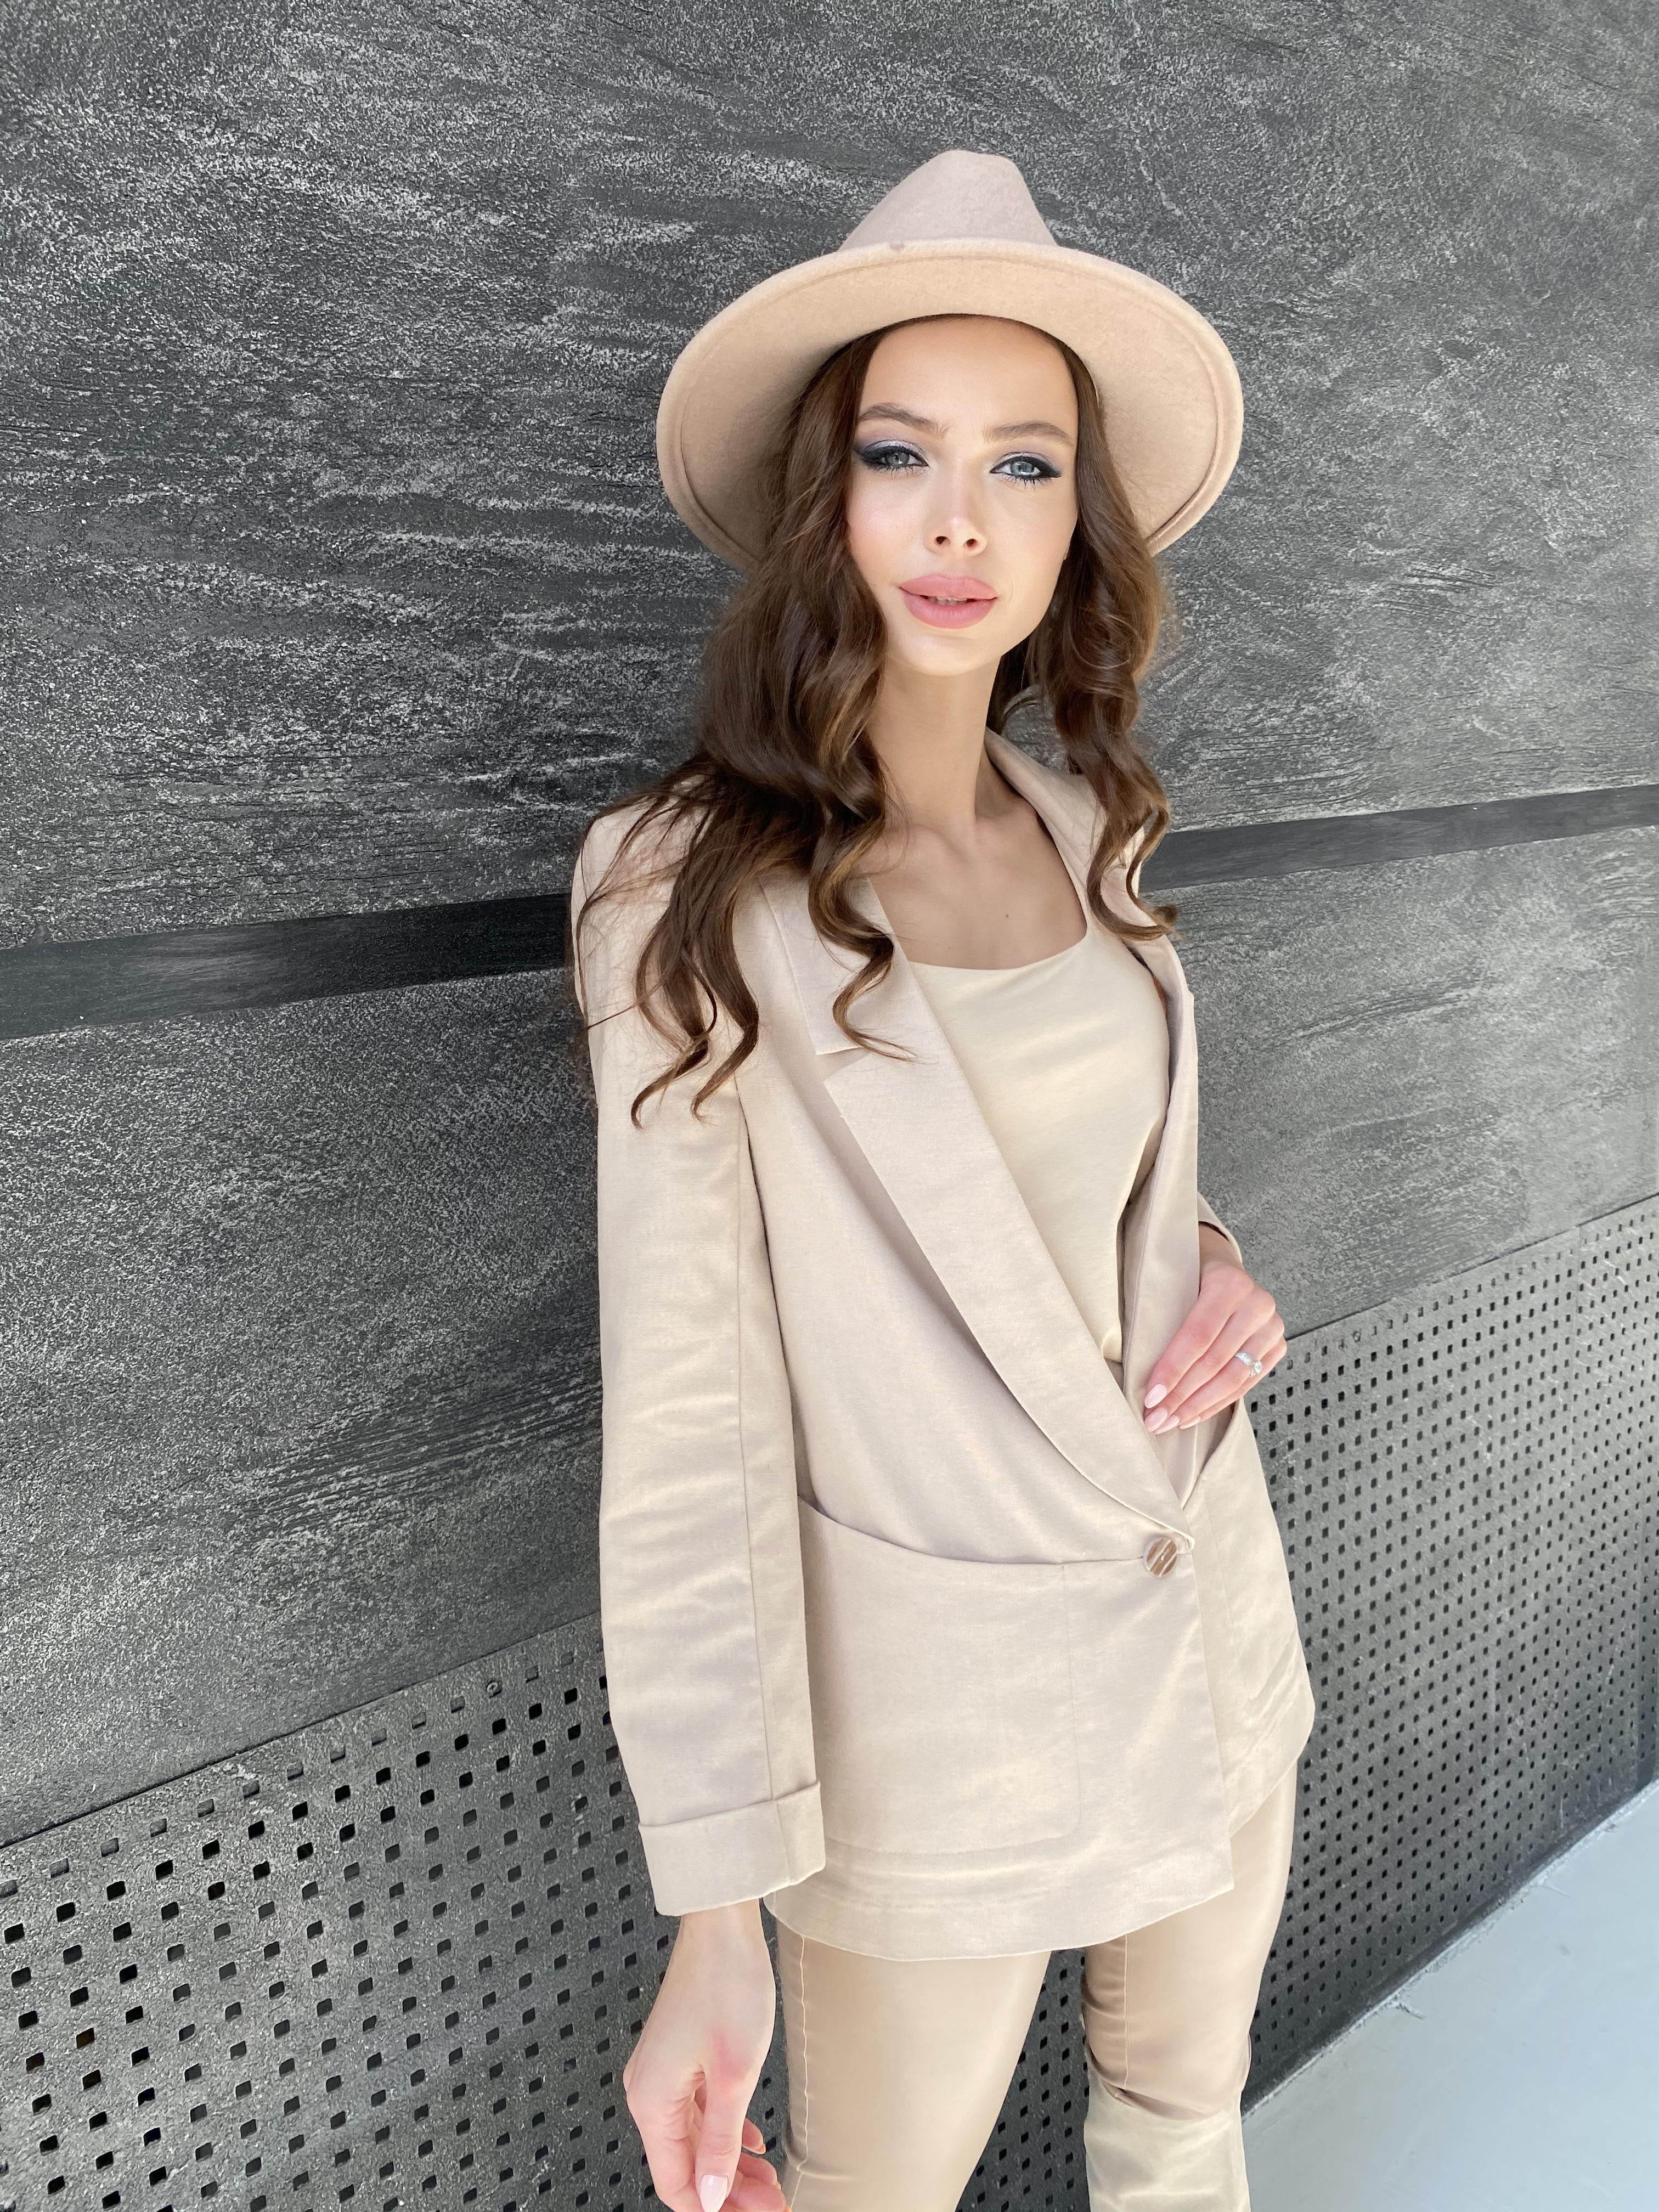 Редми жакет из льна  9514 АРТ. 45851 Цвет: Бежевый - фото 3, интернет магазин tm-modus.ru